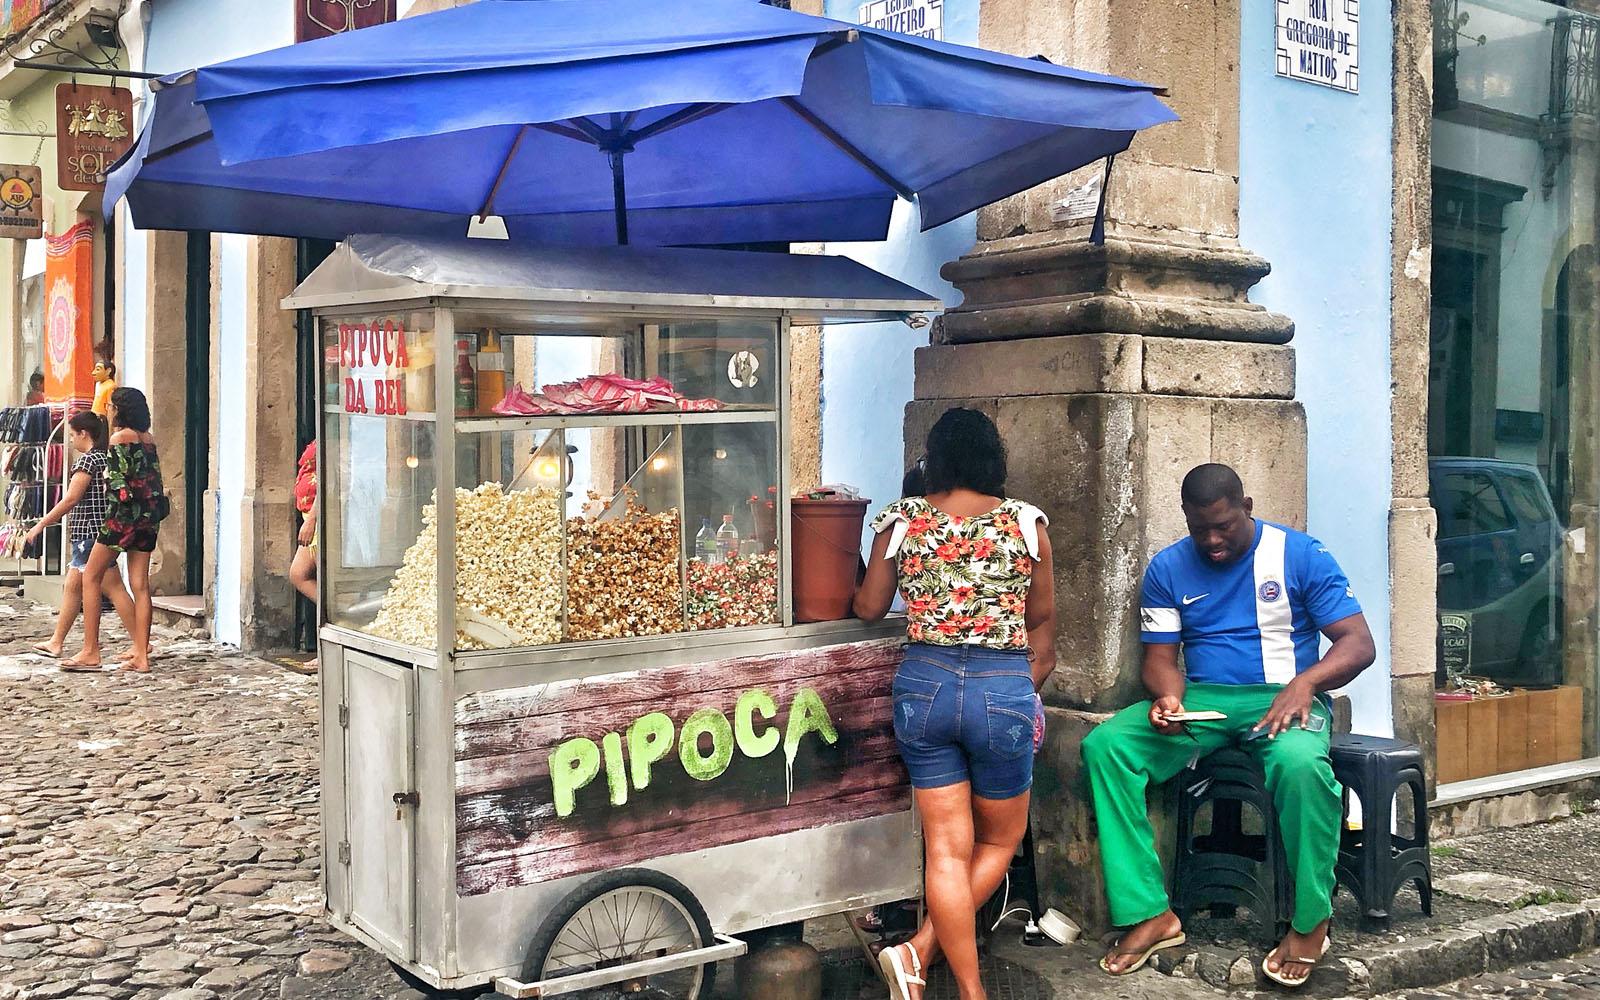 Una bancarella di popcorn al mercato comunale. © oltreilbalcone